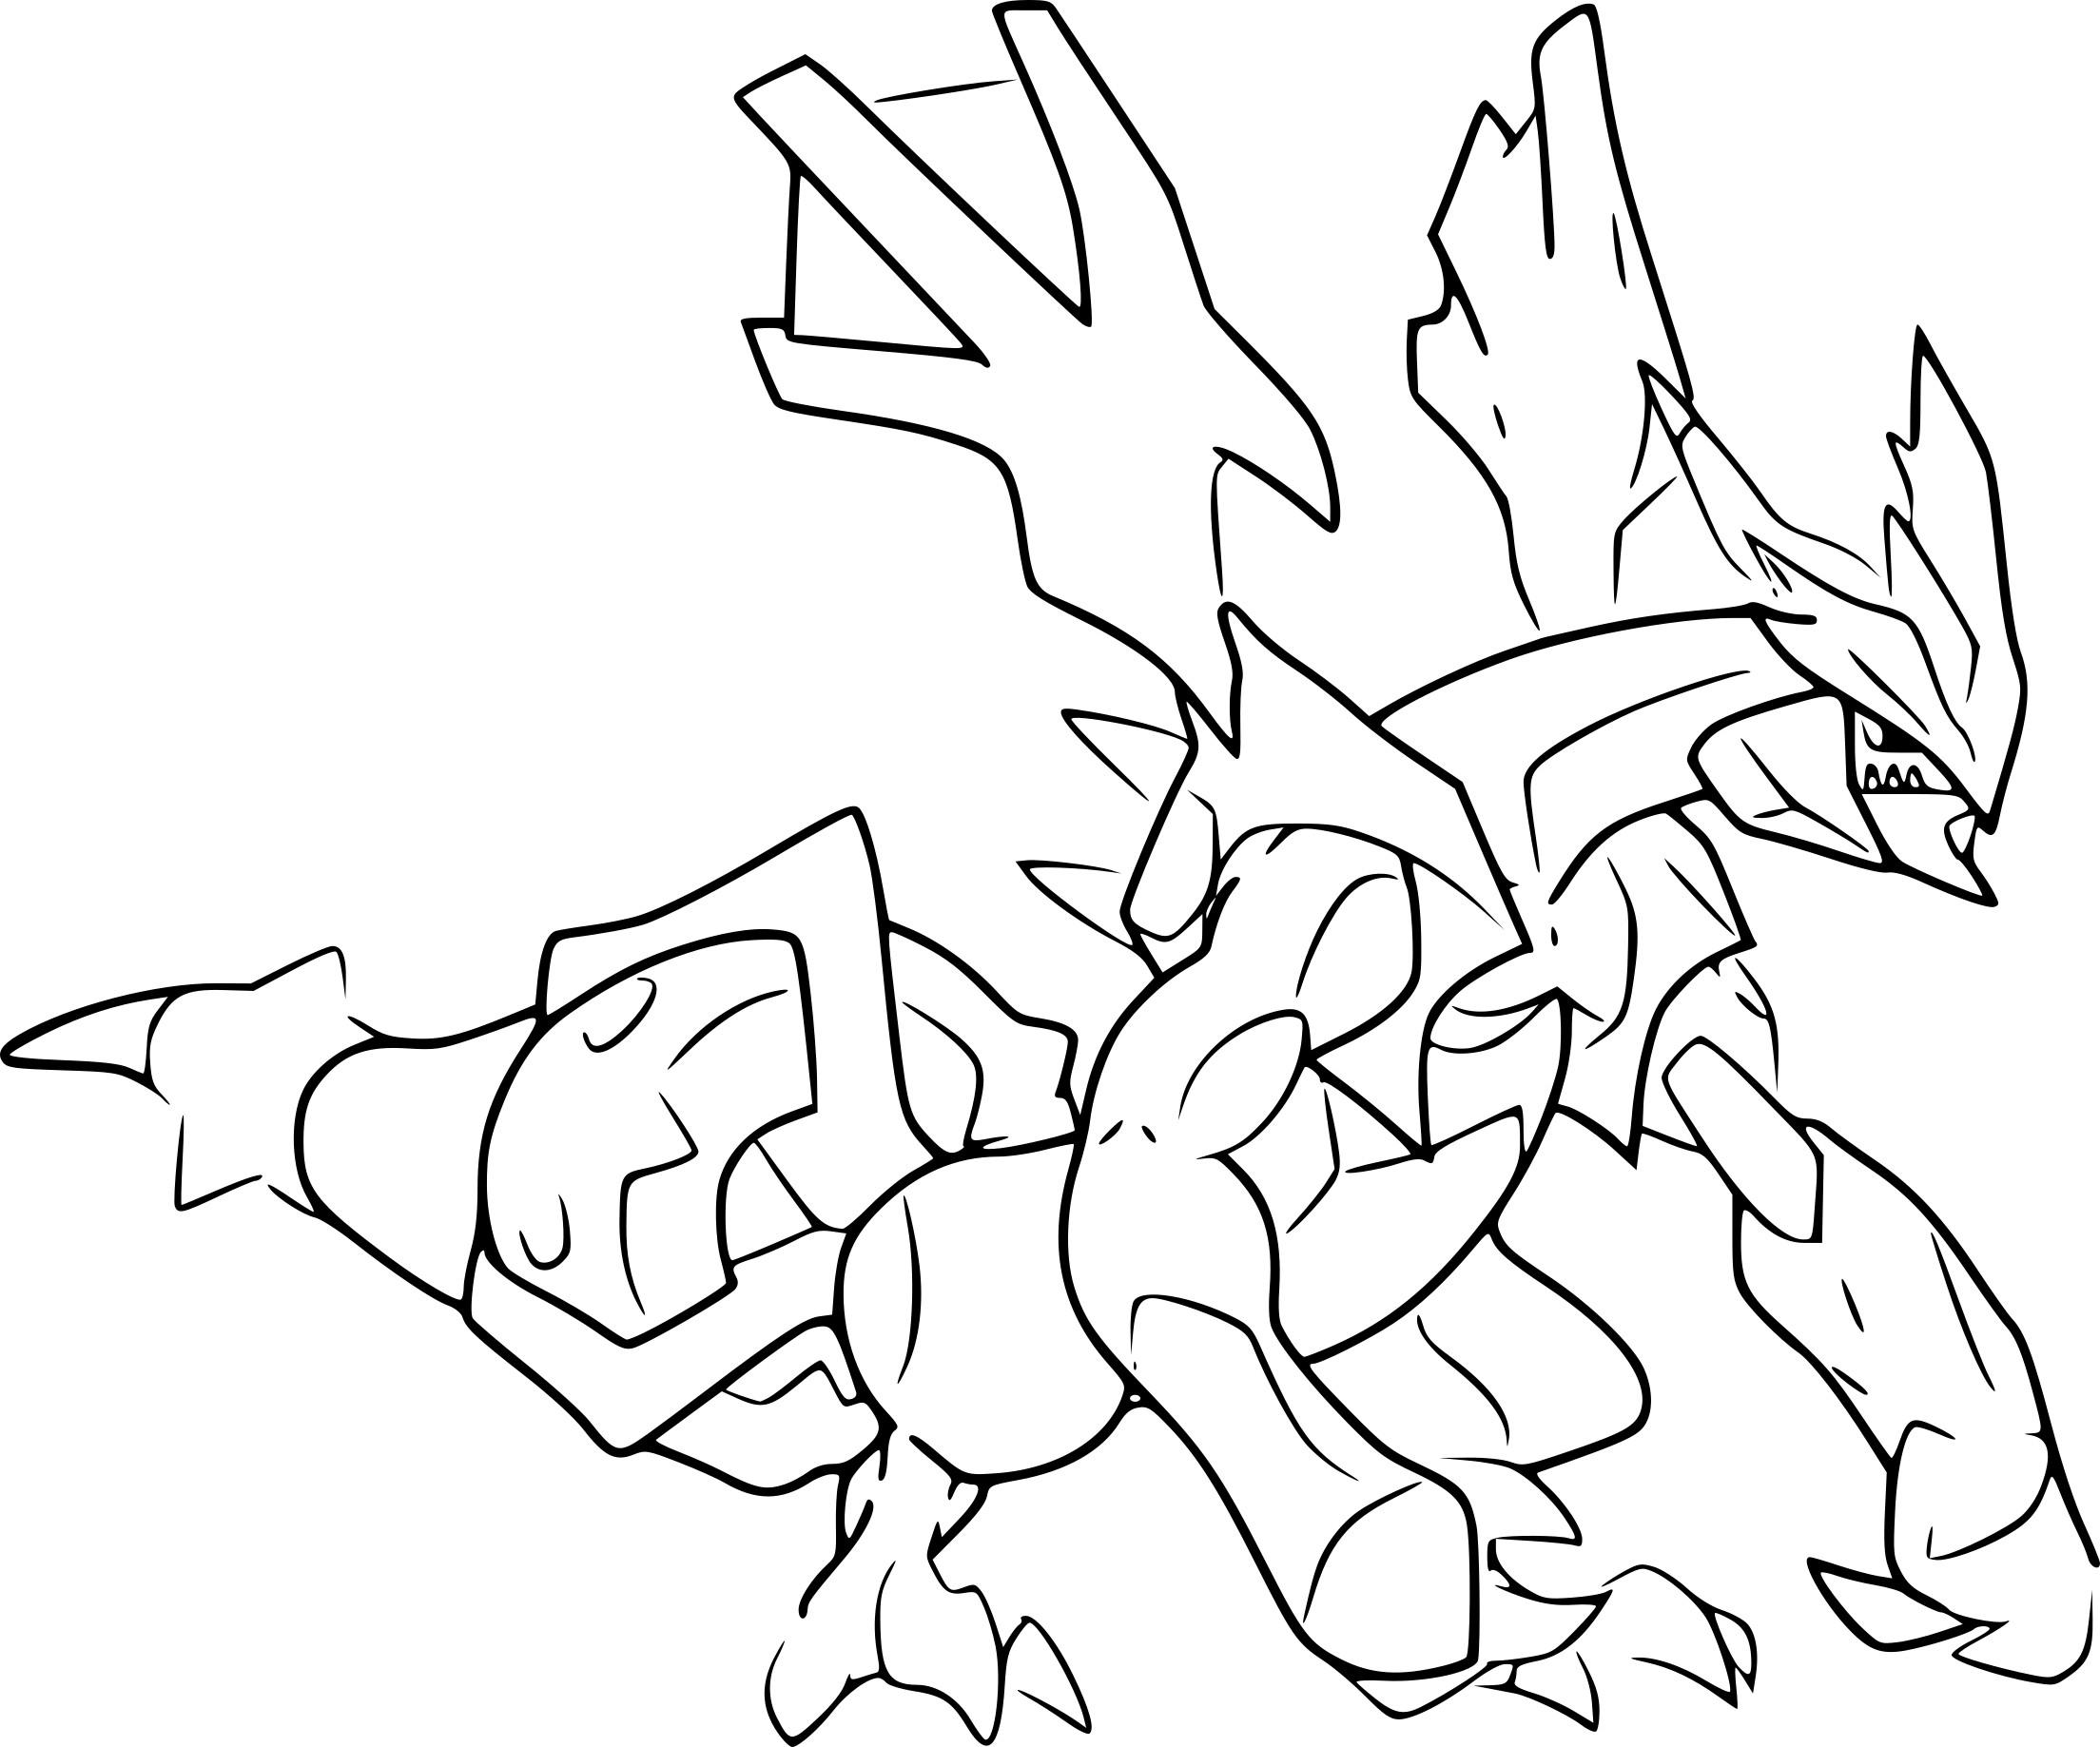 Coloriage Pokemon Legendaire Platine - Maduya intérieur Coloriage De Pokémon Légendaire